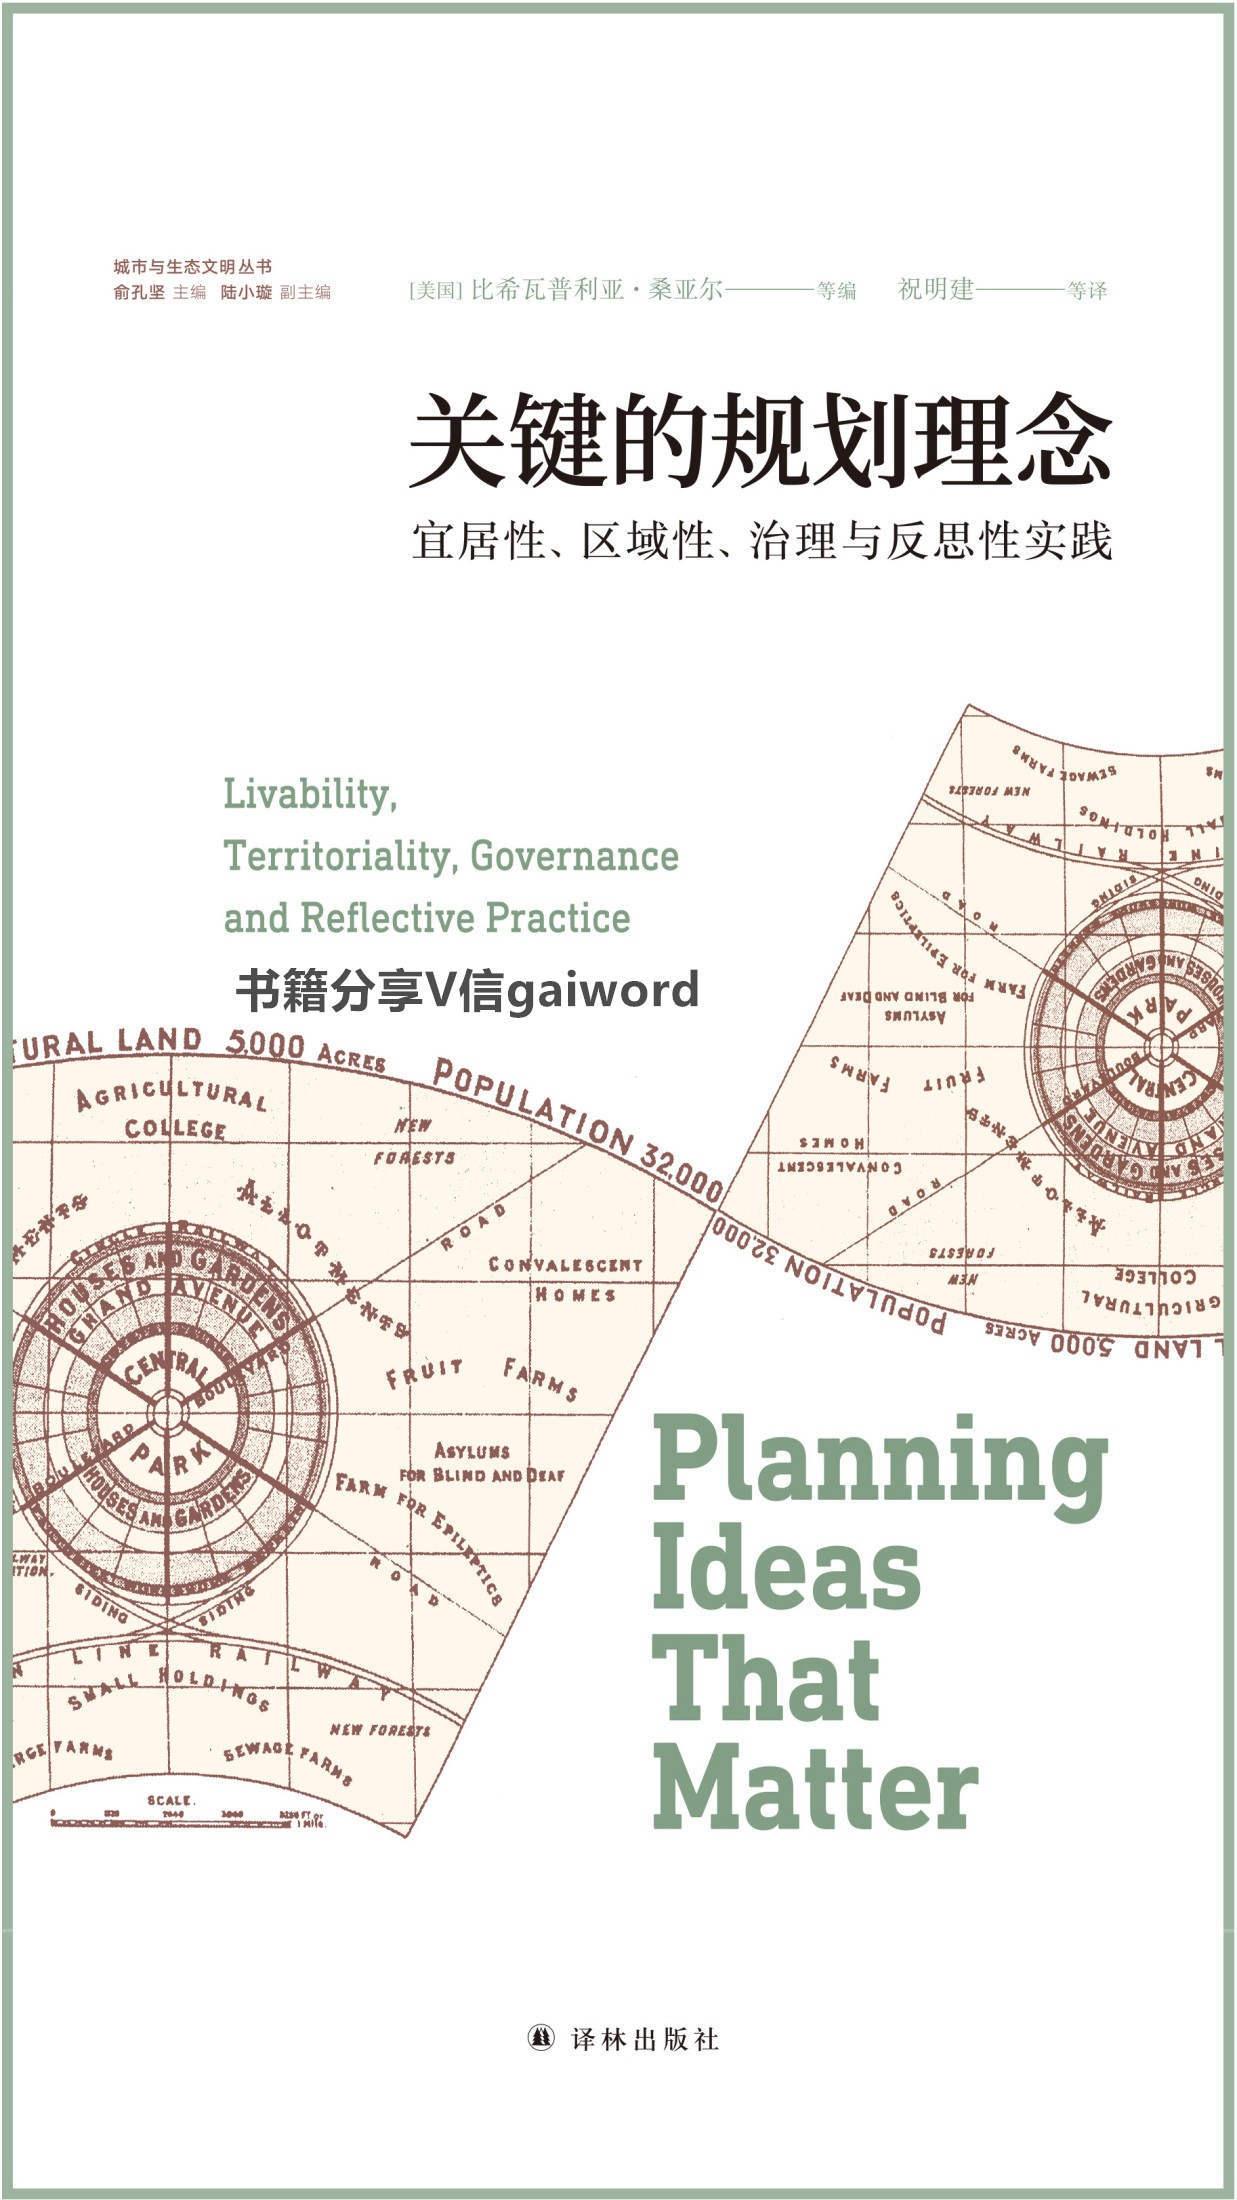 關鍵的規劃理念:宜居性區域性mobi